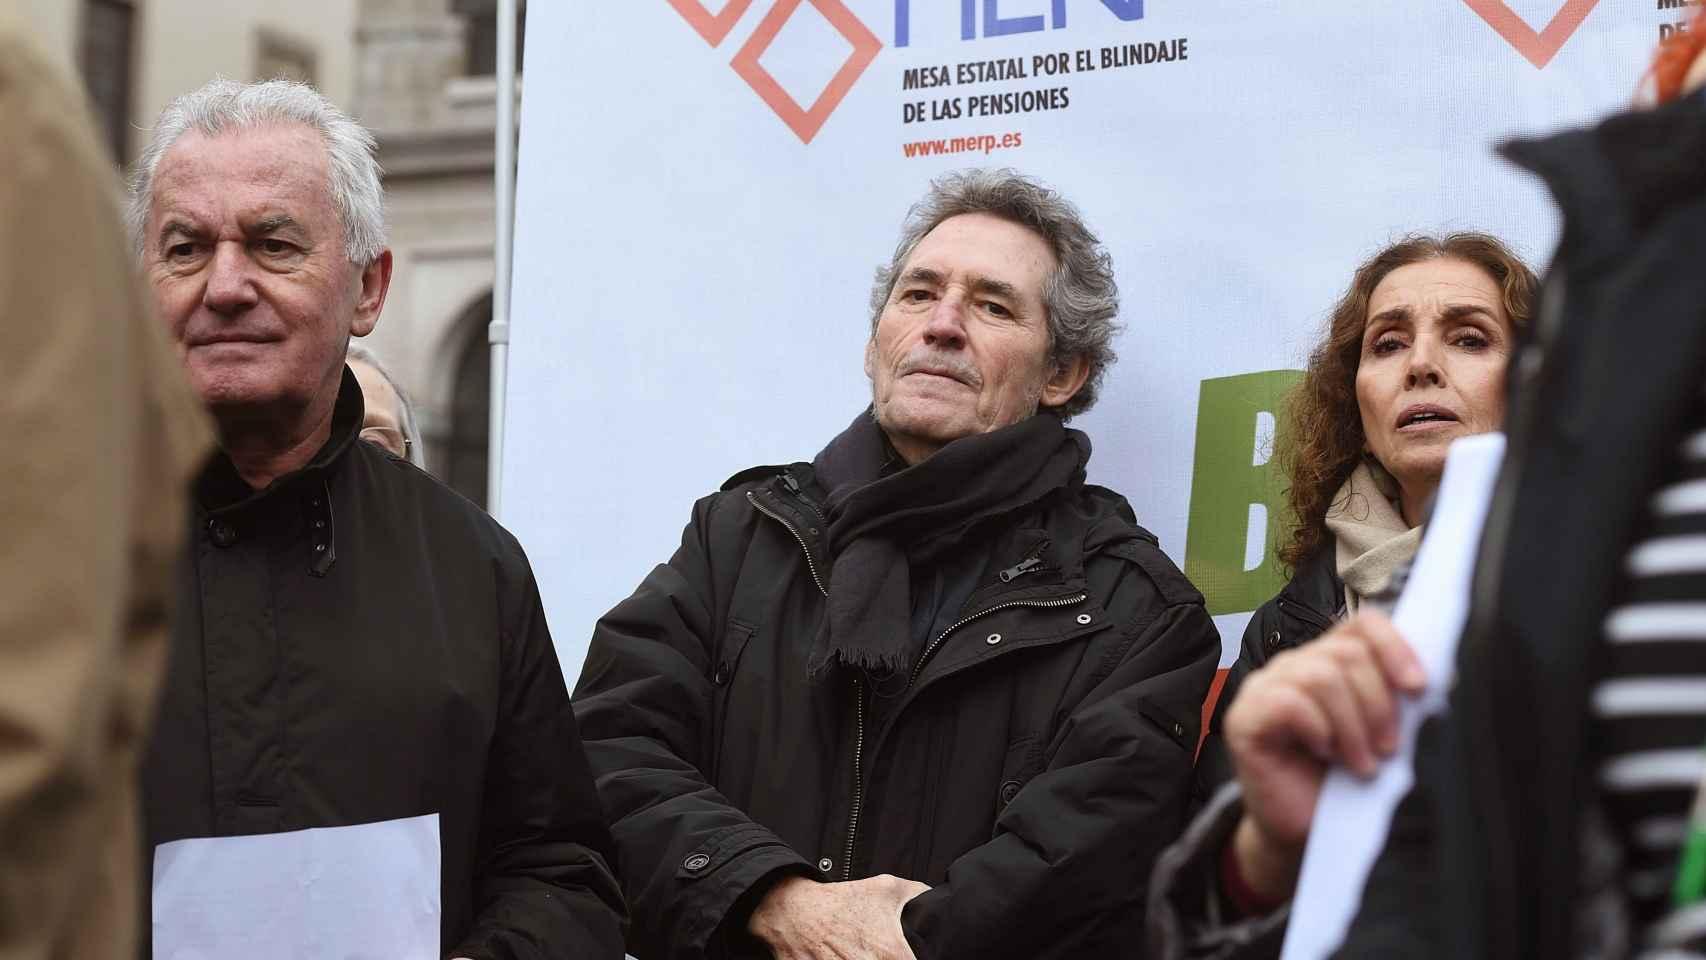 Manifestación convocada en Madrid en defensa de las pensiones